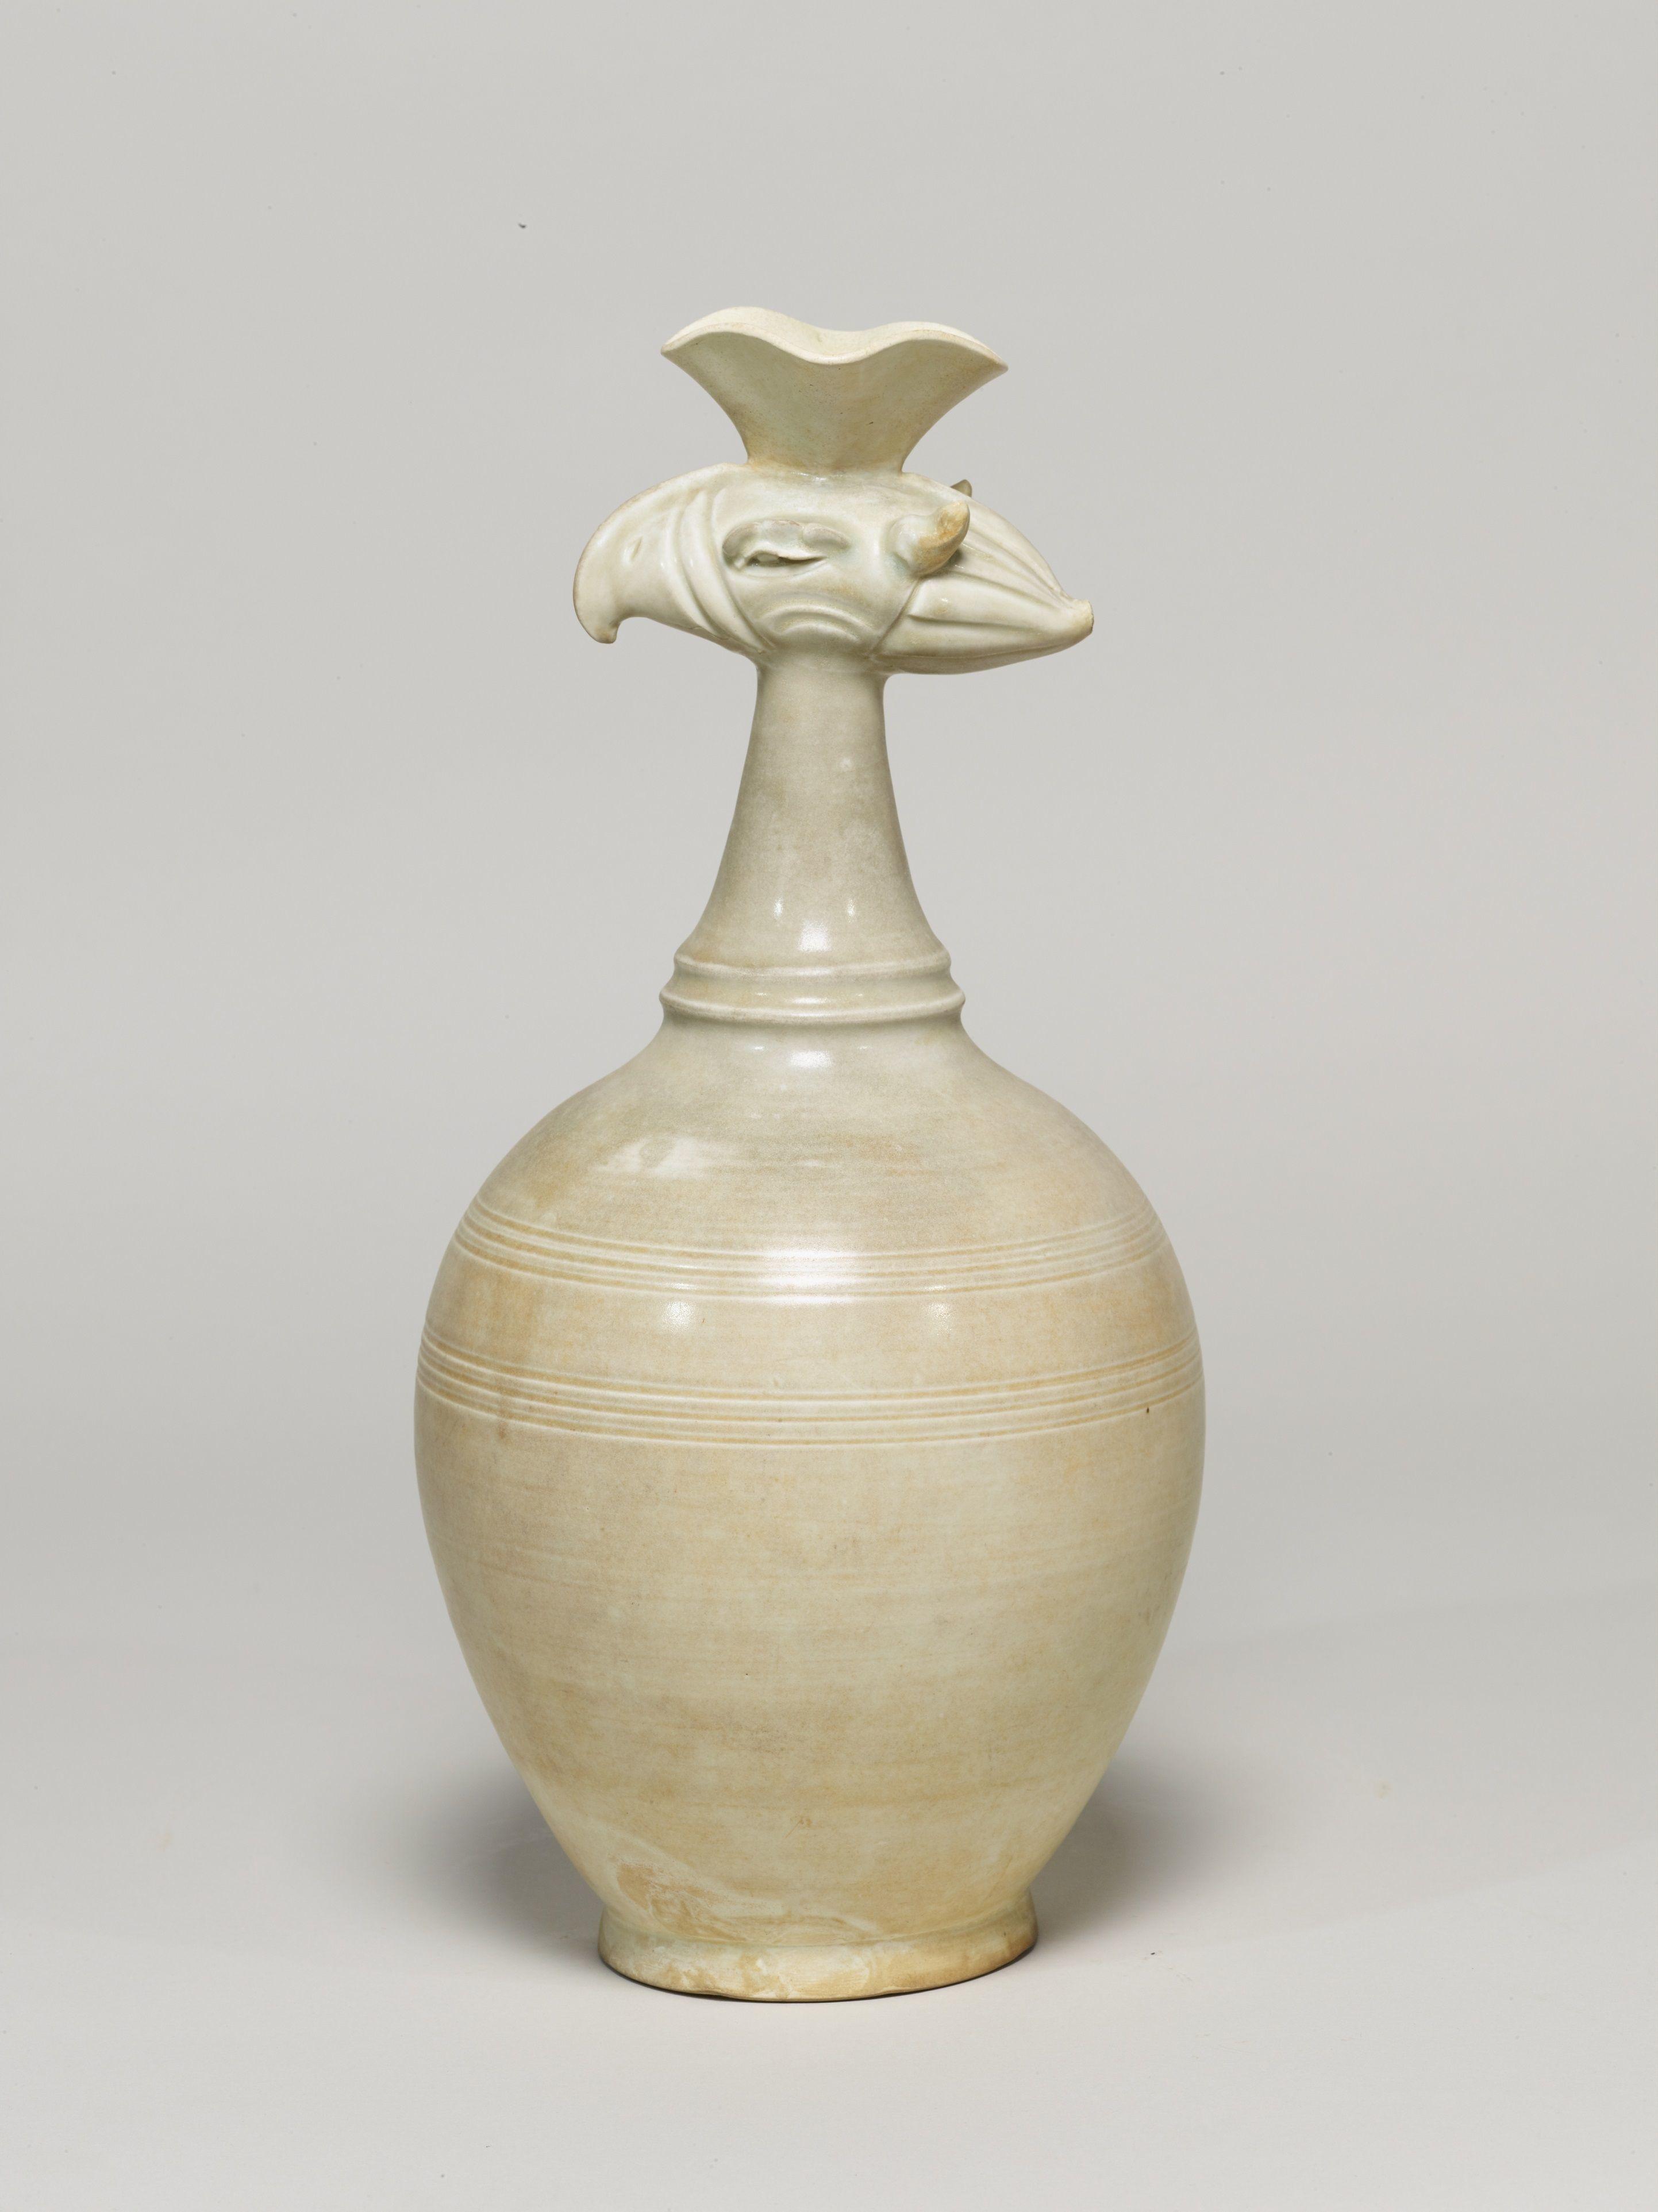 白磁鳳首瓶 中国 北宋時代・11世紀  (展示期間:9月4日~12月25日)